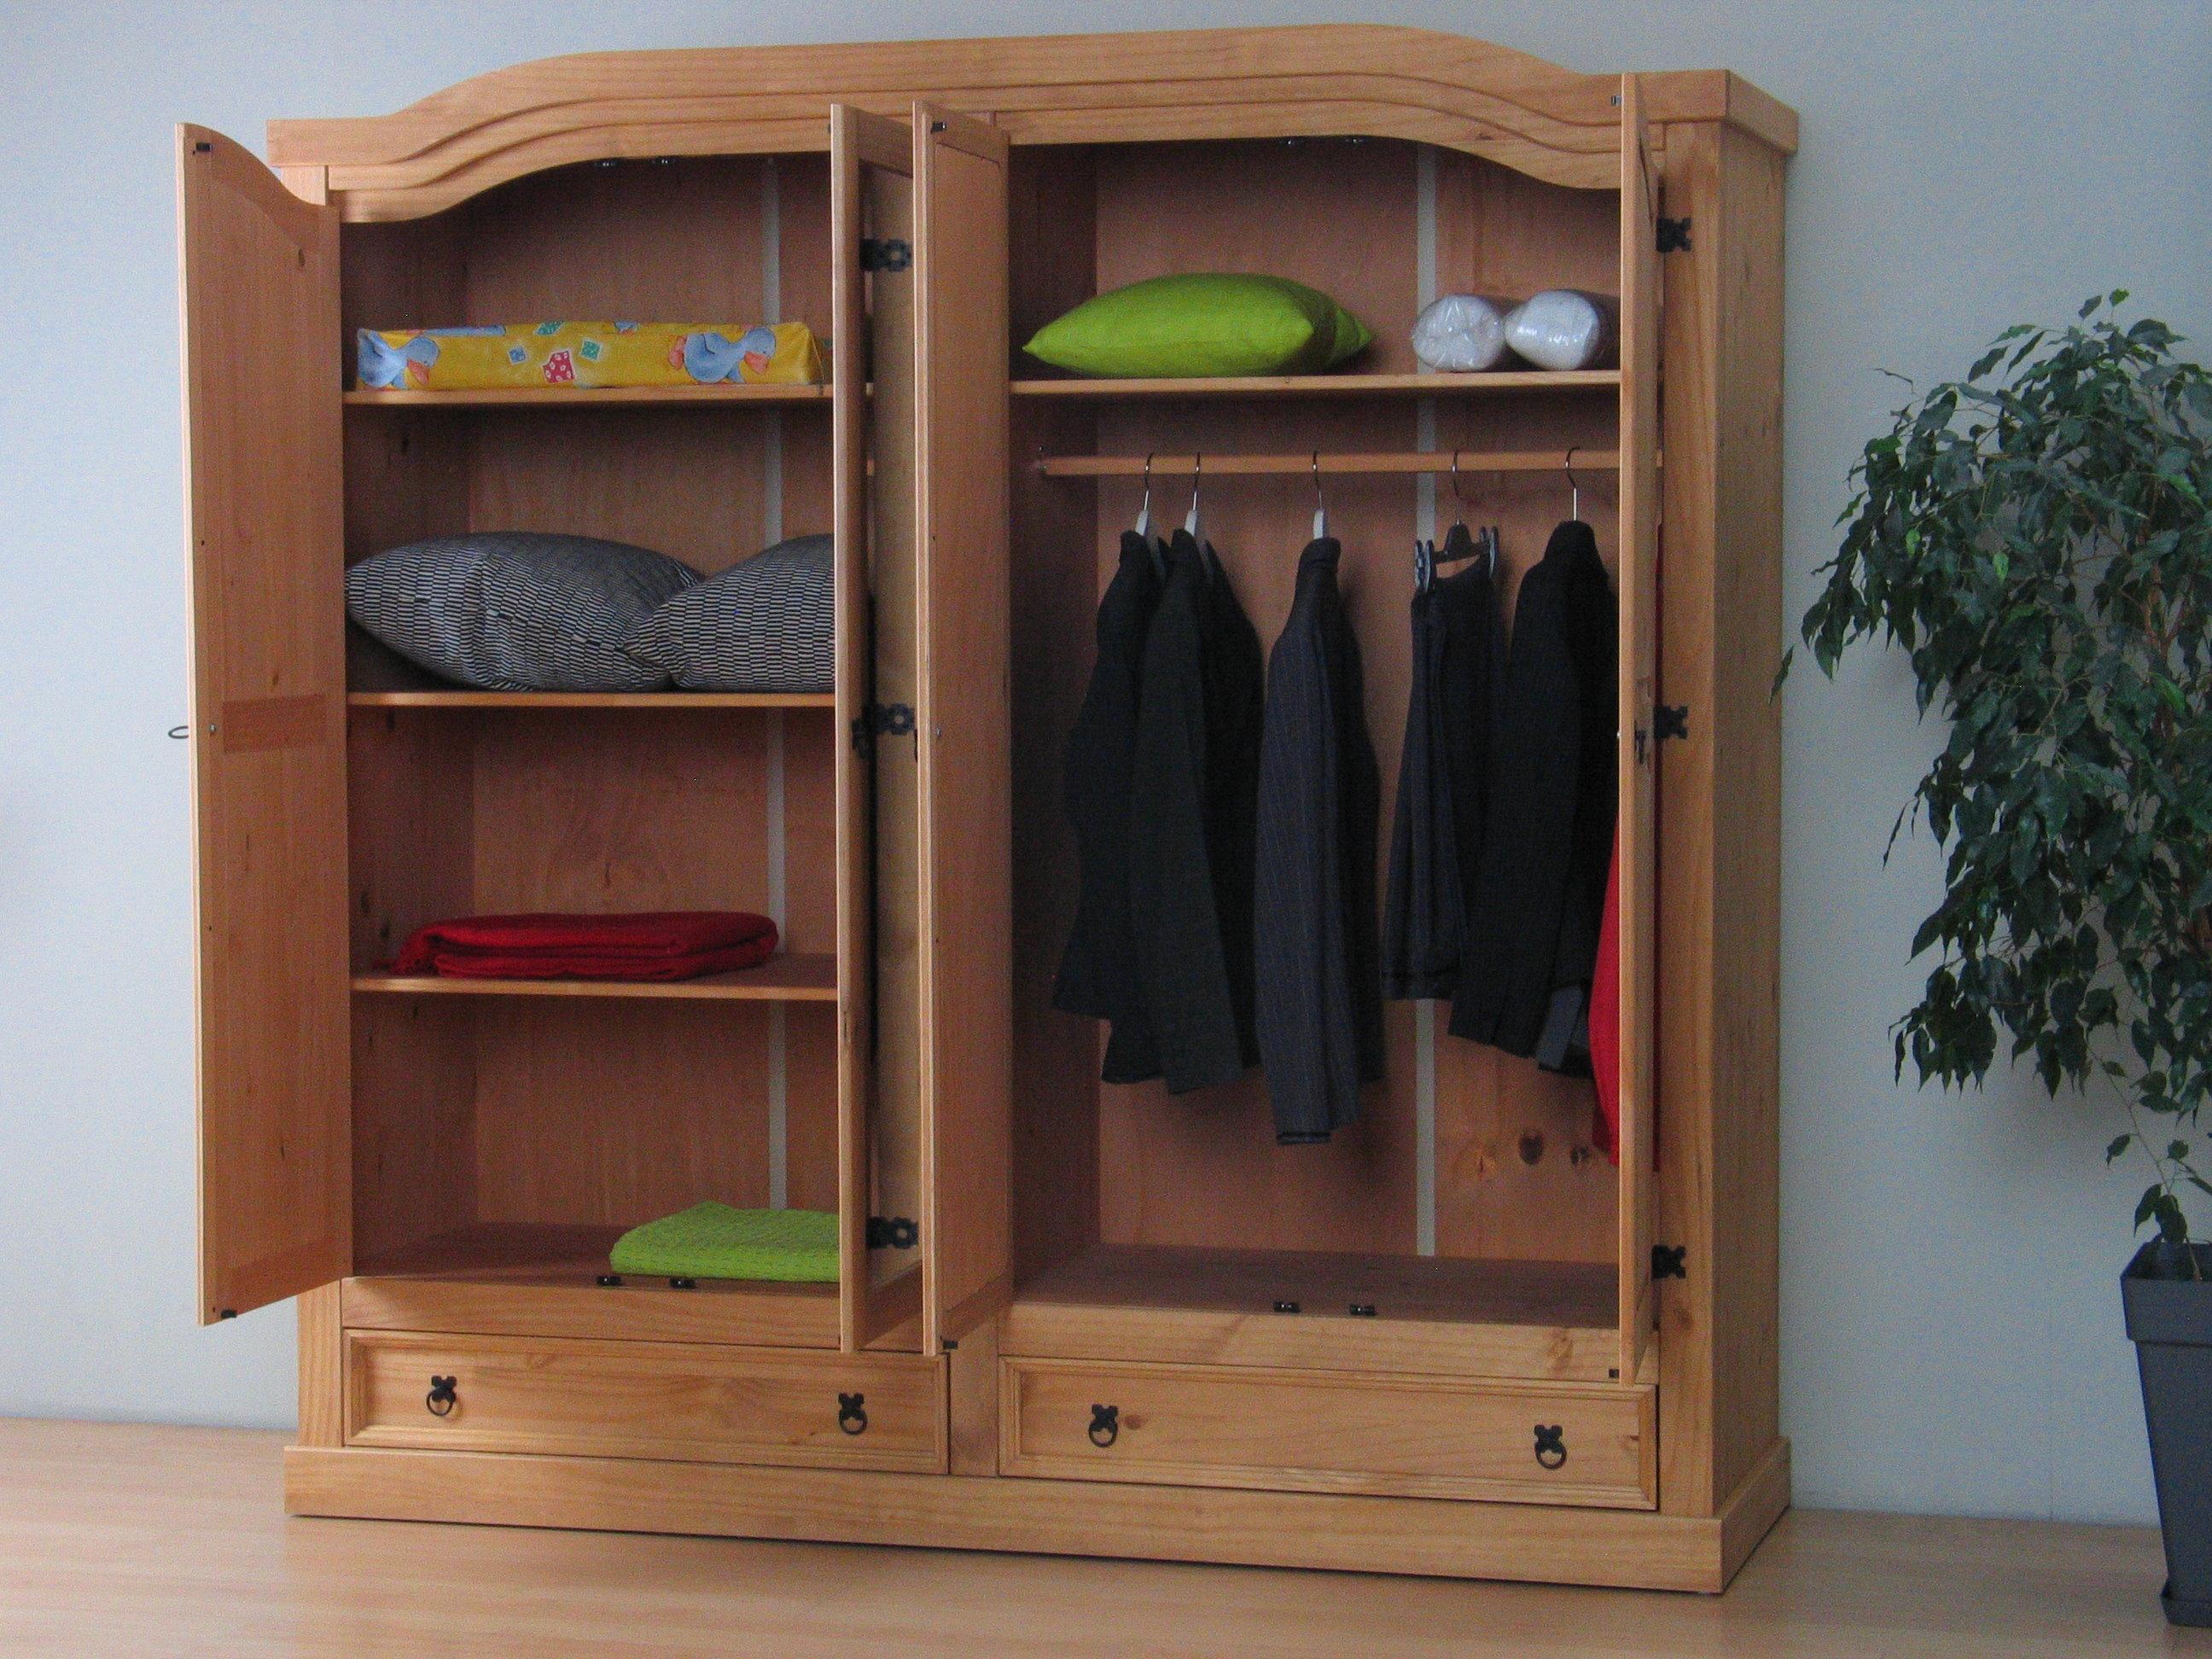 4 t riger kiefer kleiderschrank new mexico natur m bel wohnen schr nke vitrinen. Black Bedroom Furniture Sets. Home Design Ideas